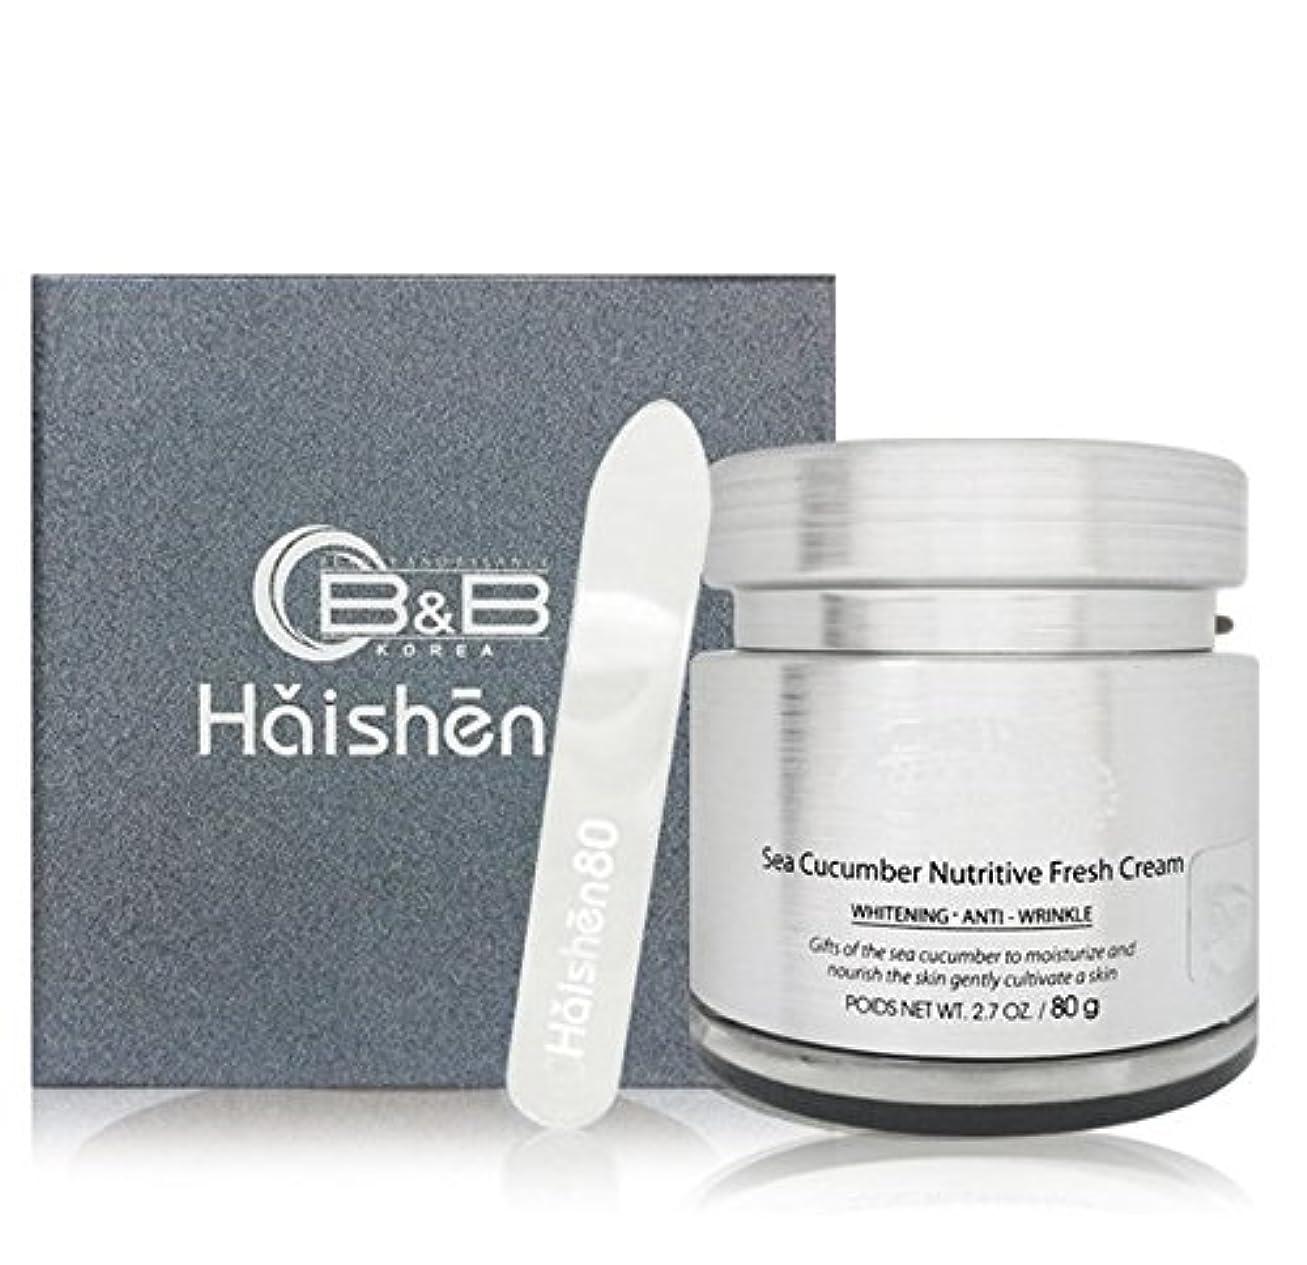 調和スイング折り目[訳有り?OUTLET]Haishen80 Sea cucumber Nutritious Fresh Cream 80g ハイサン 80 シーキューカンバーニュトゥリチブフレッシュクリーム 80g